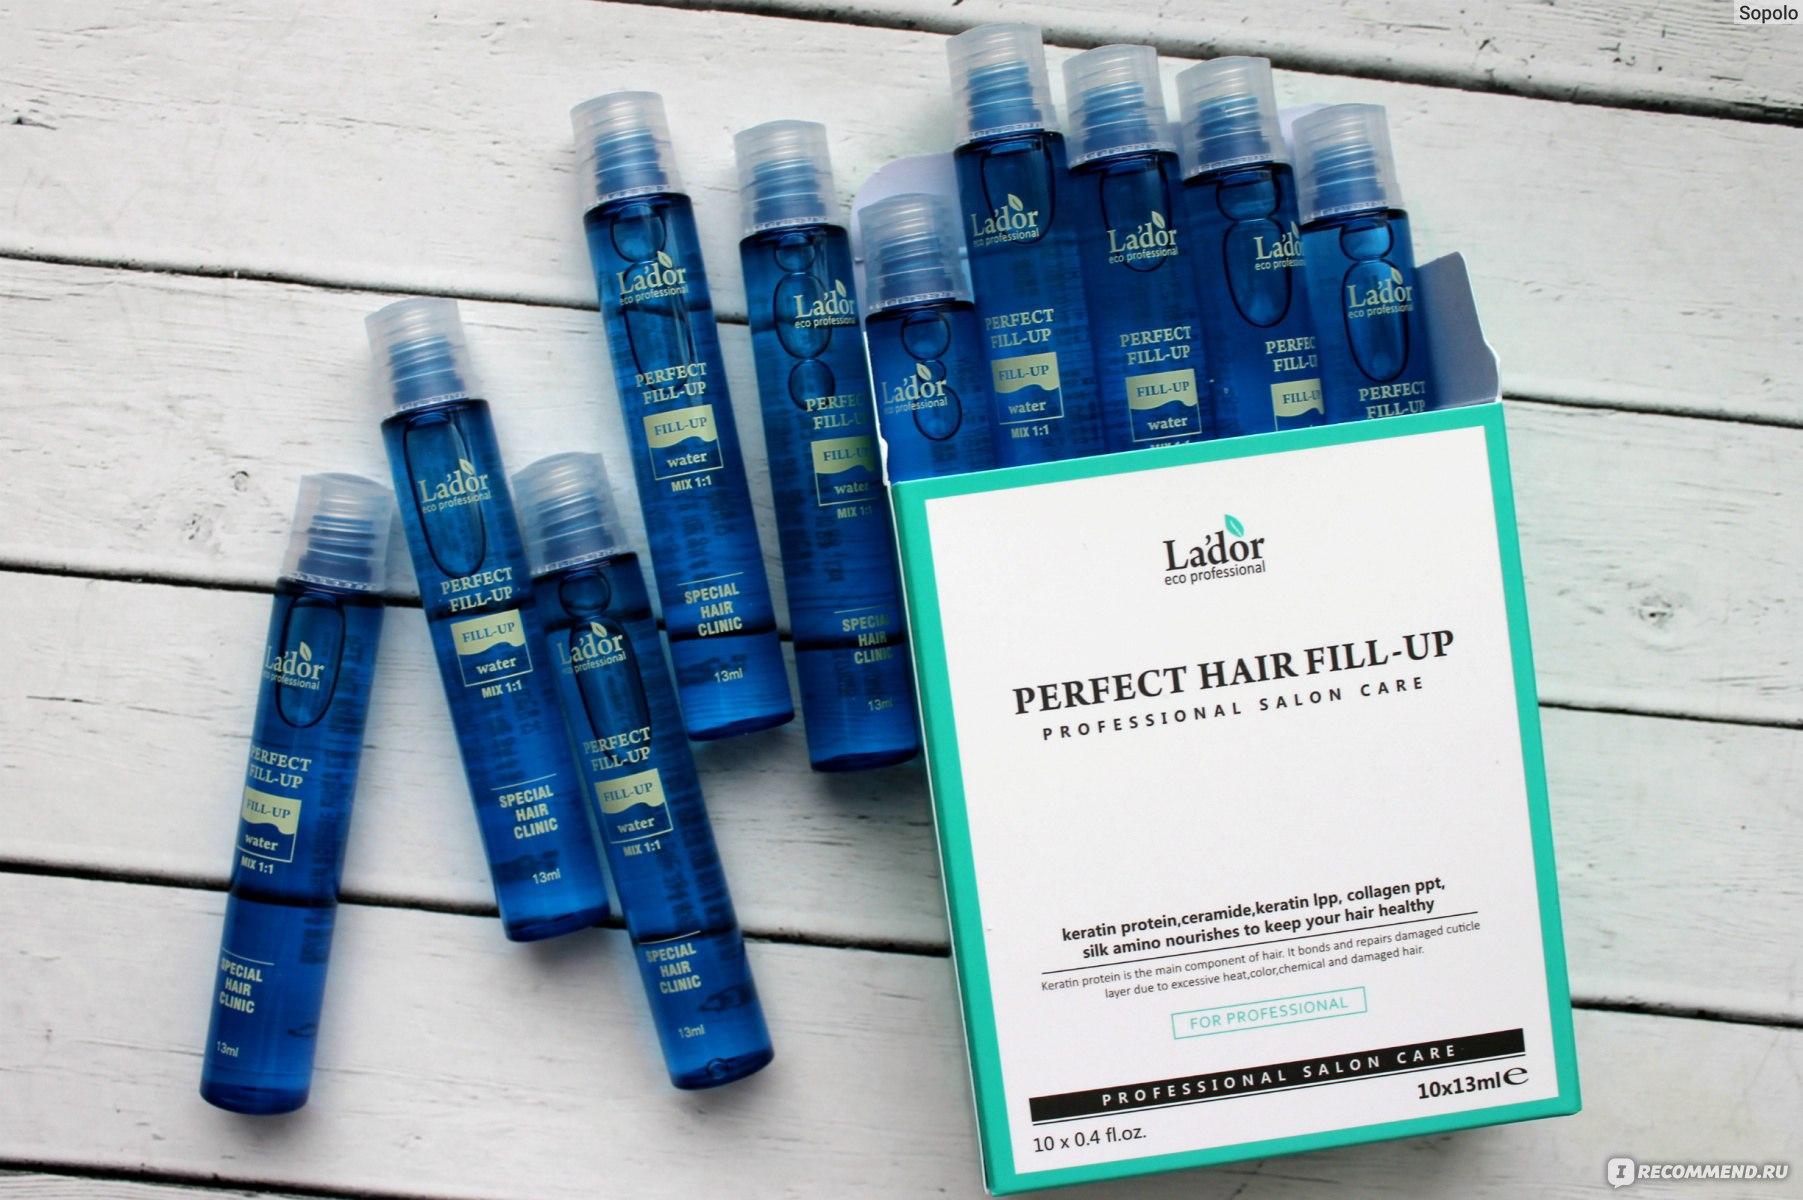 Филлеры для волос la'dor: применение и ожидаемый результат